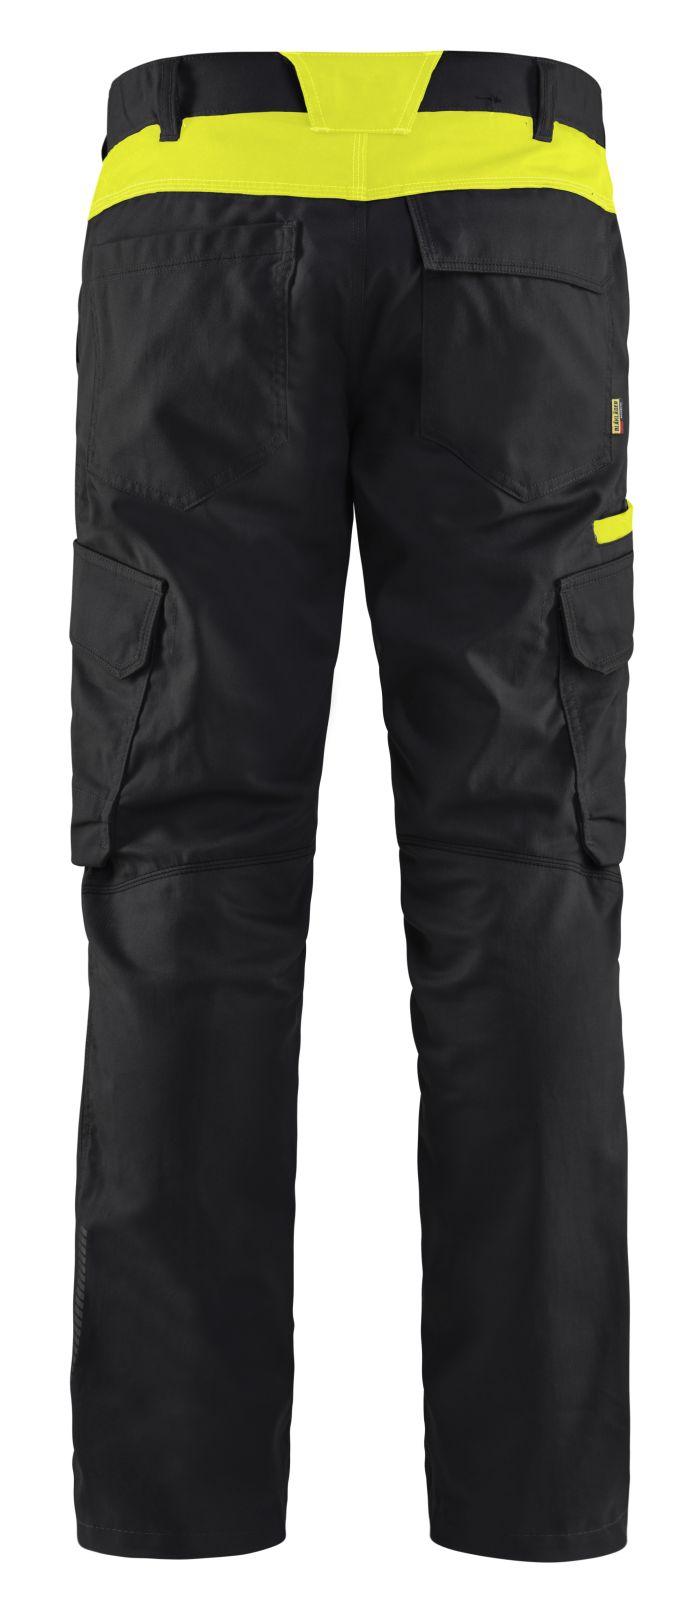 Blaklader Broeken 14441832 zwart-fluo geel(9933)